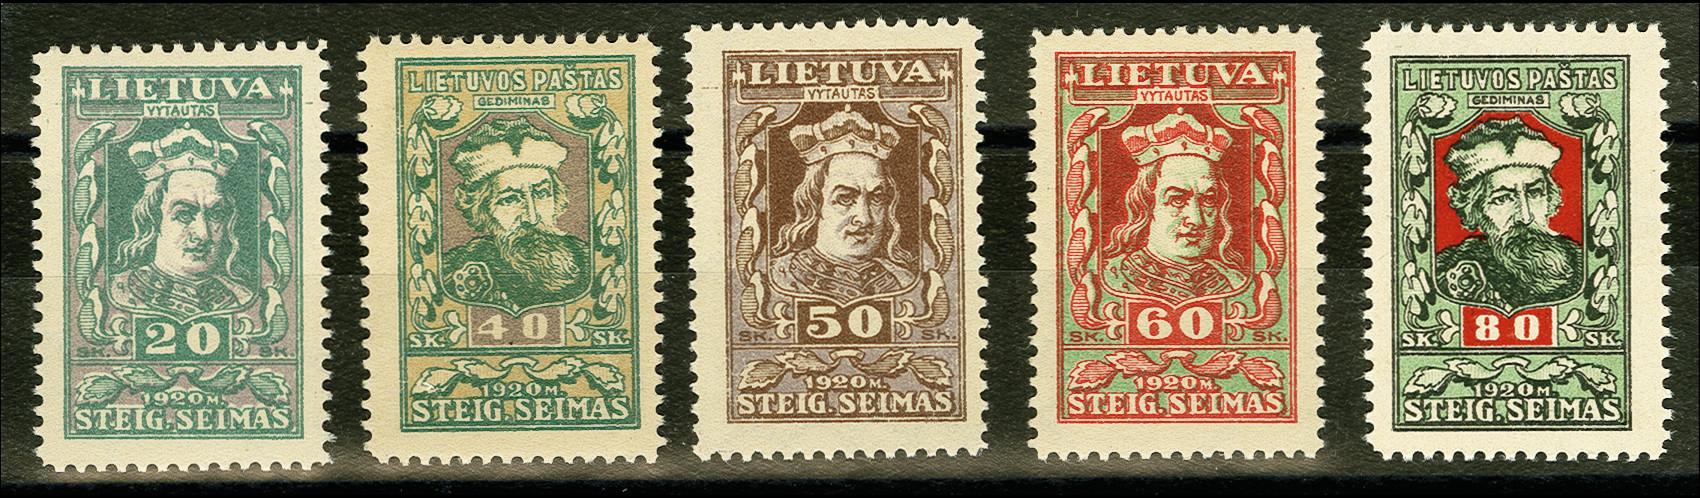 Lot 1730 - europa Lithuania -  Heinrich Koehler Auktionen 375rd Heinrich Köhler auction - Day 1